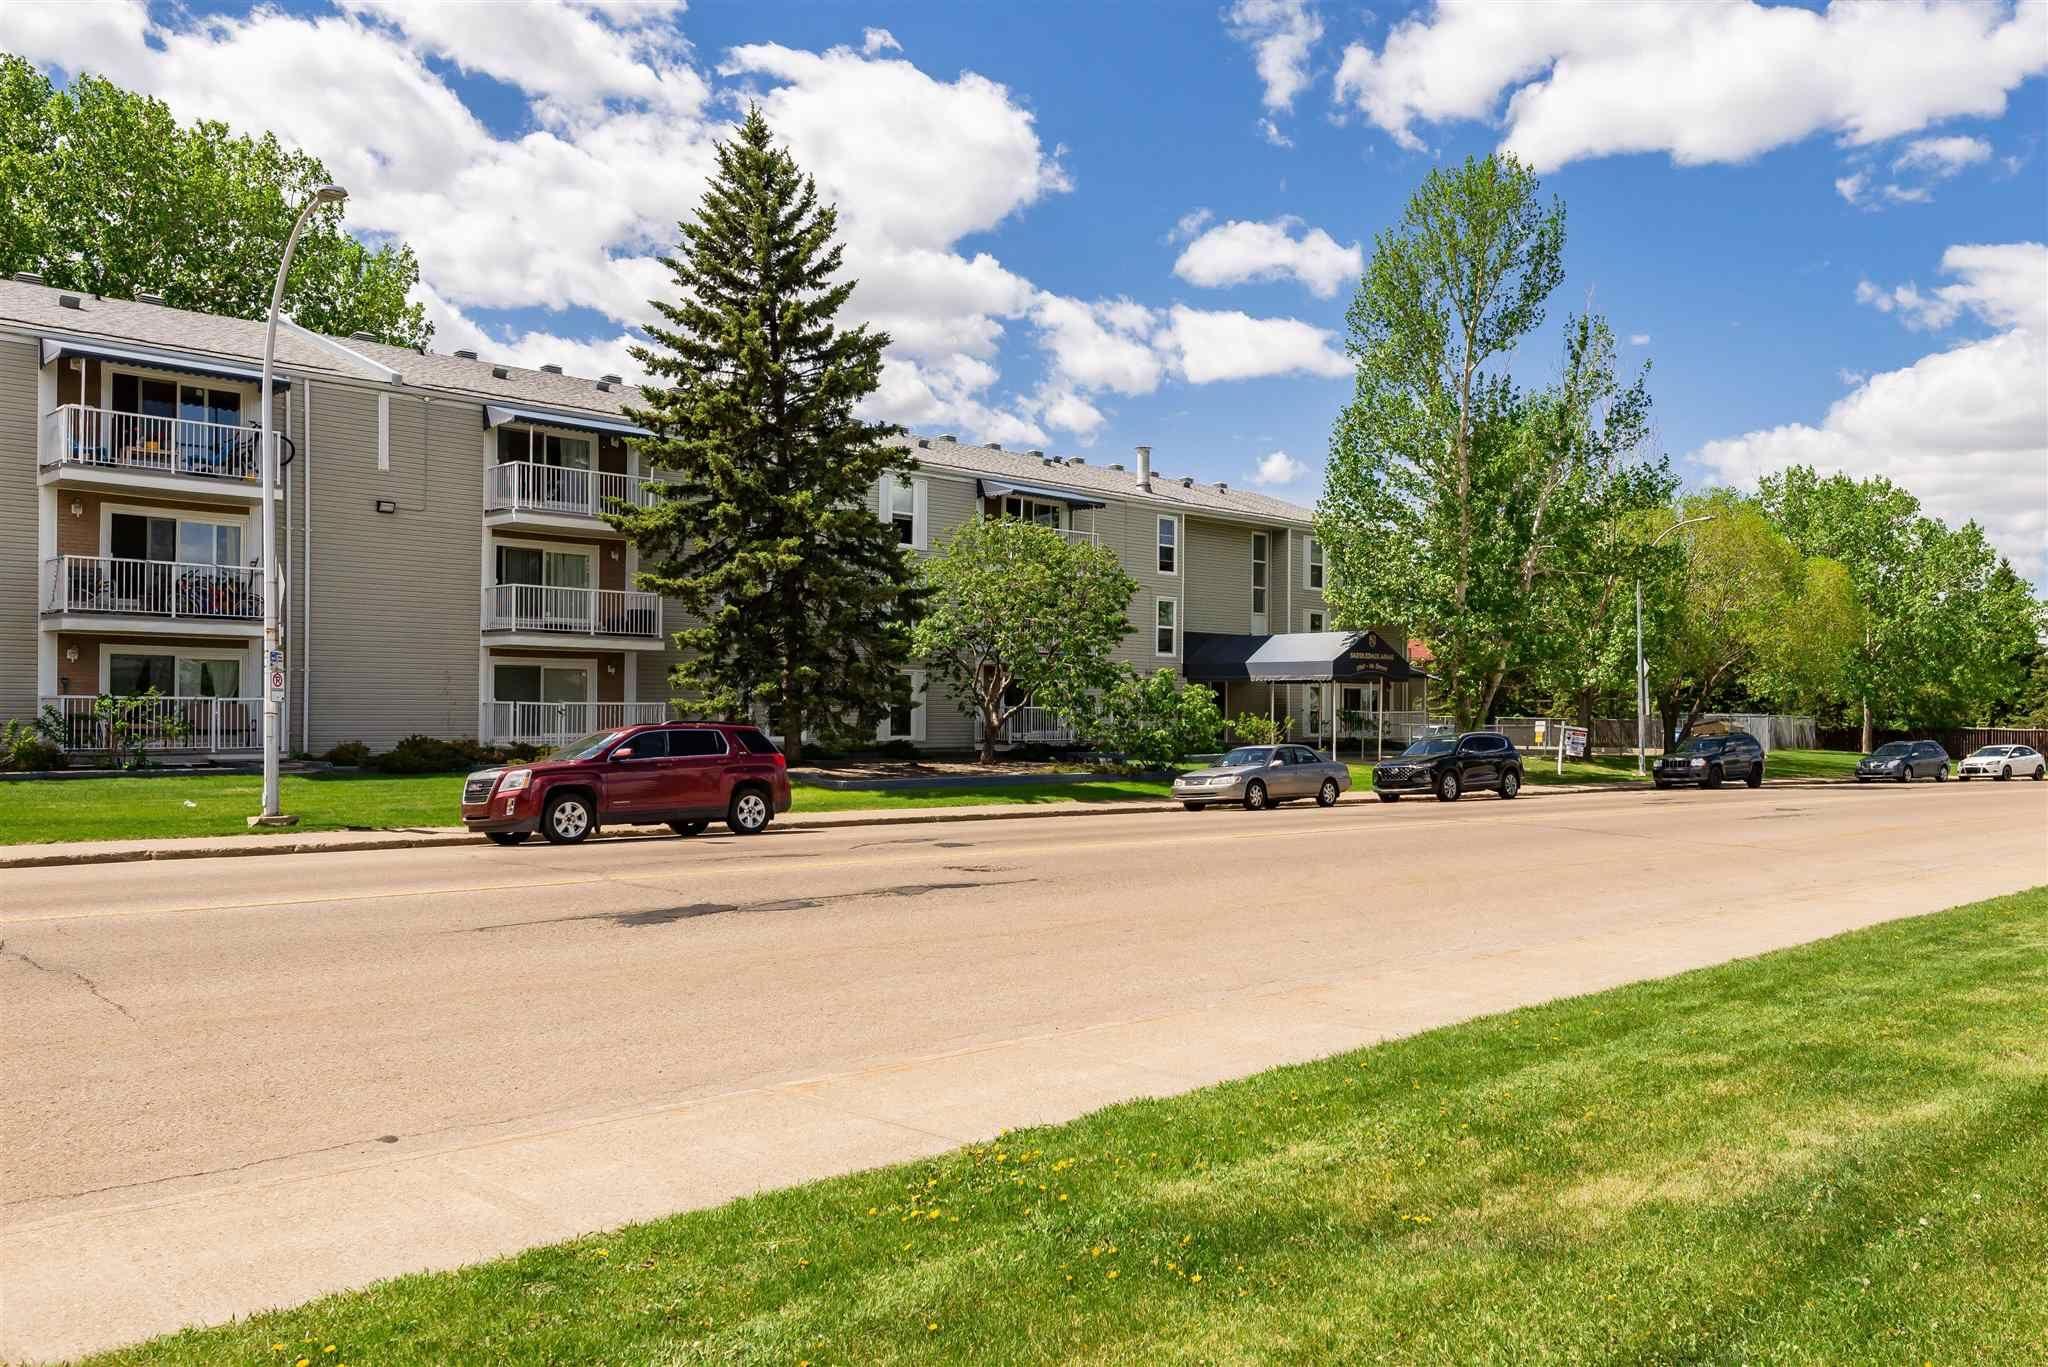 Main Photo: 300 2545 116 Street in Edmonton: Zone 16 Condo for sale : MLS®# E4249356